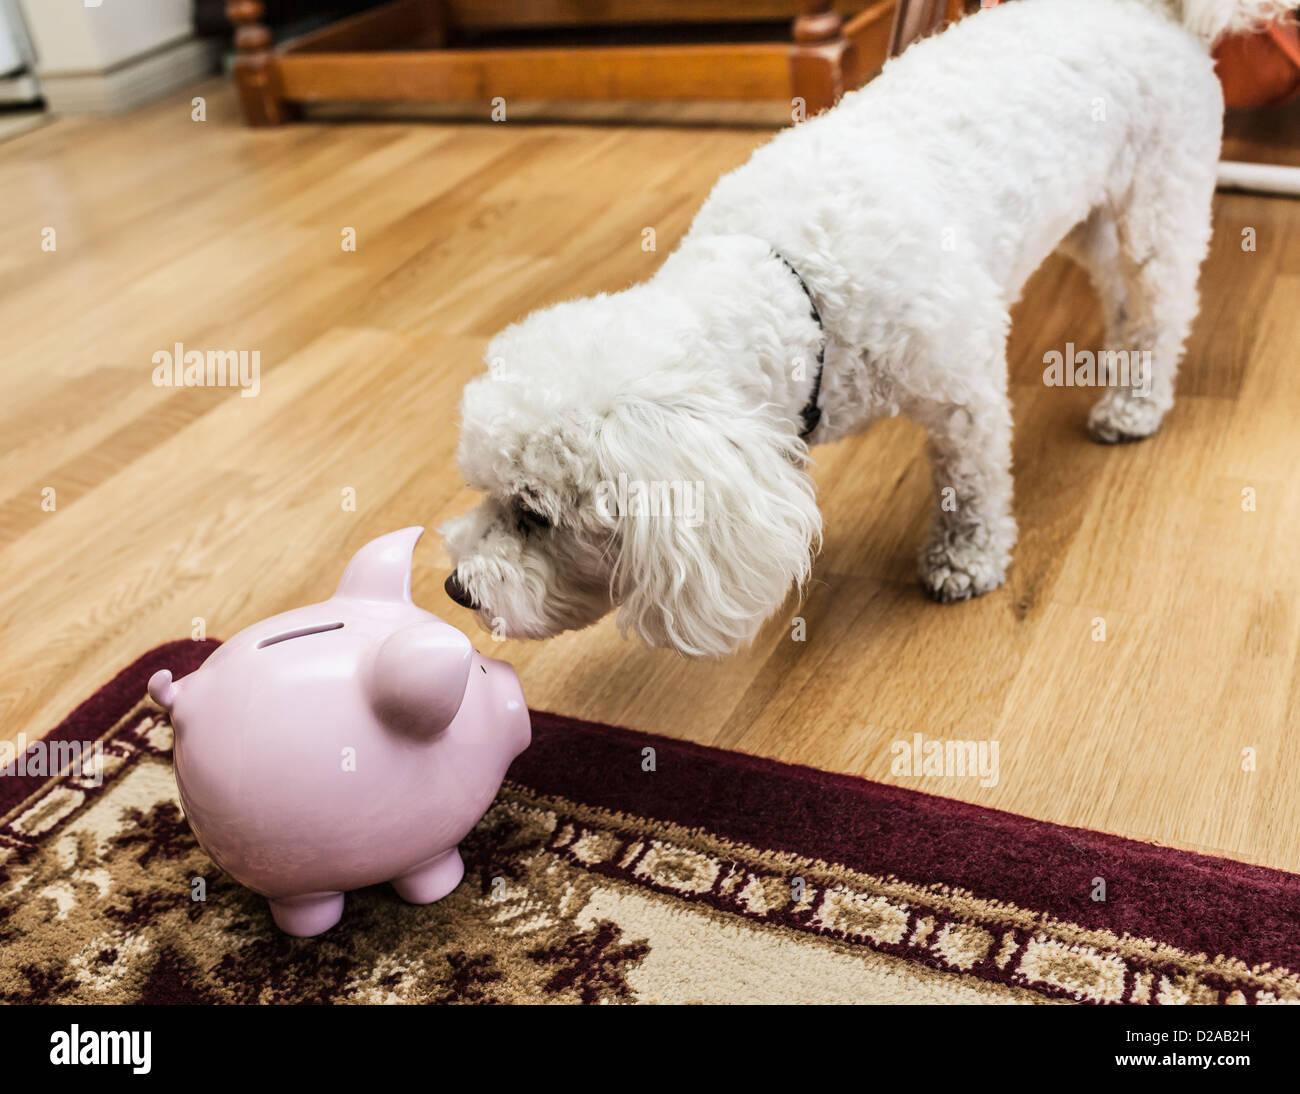 Esaminando il cane salvadanaio in salotto Immagini Stock